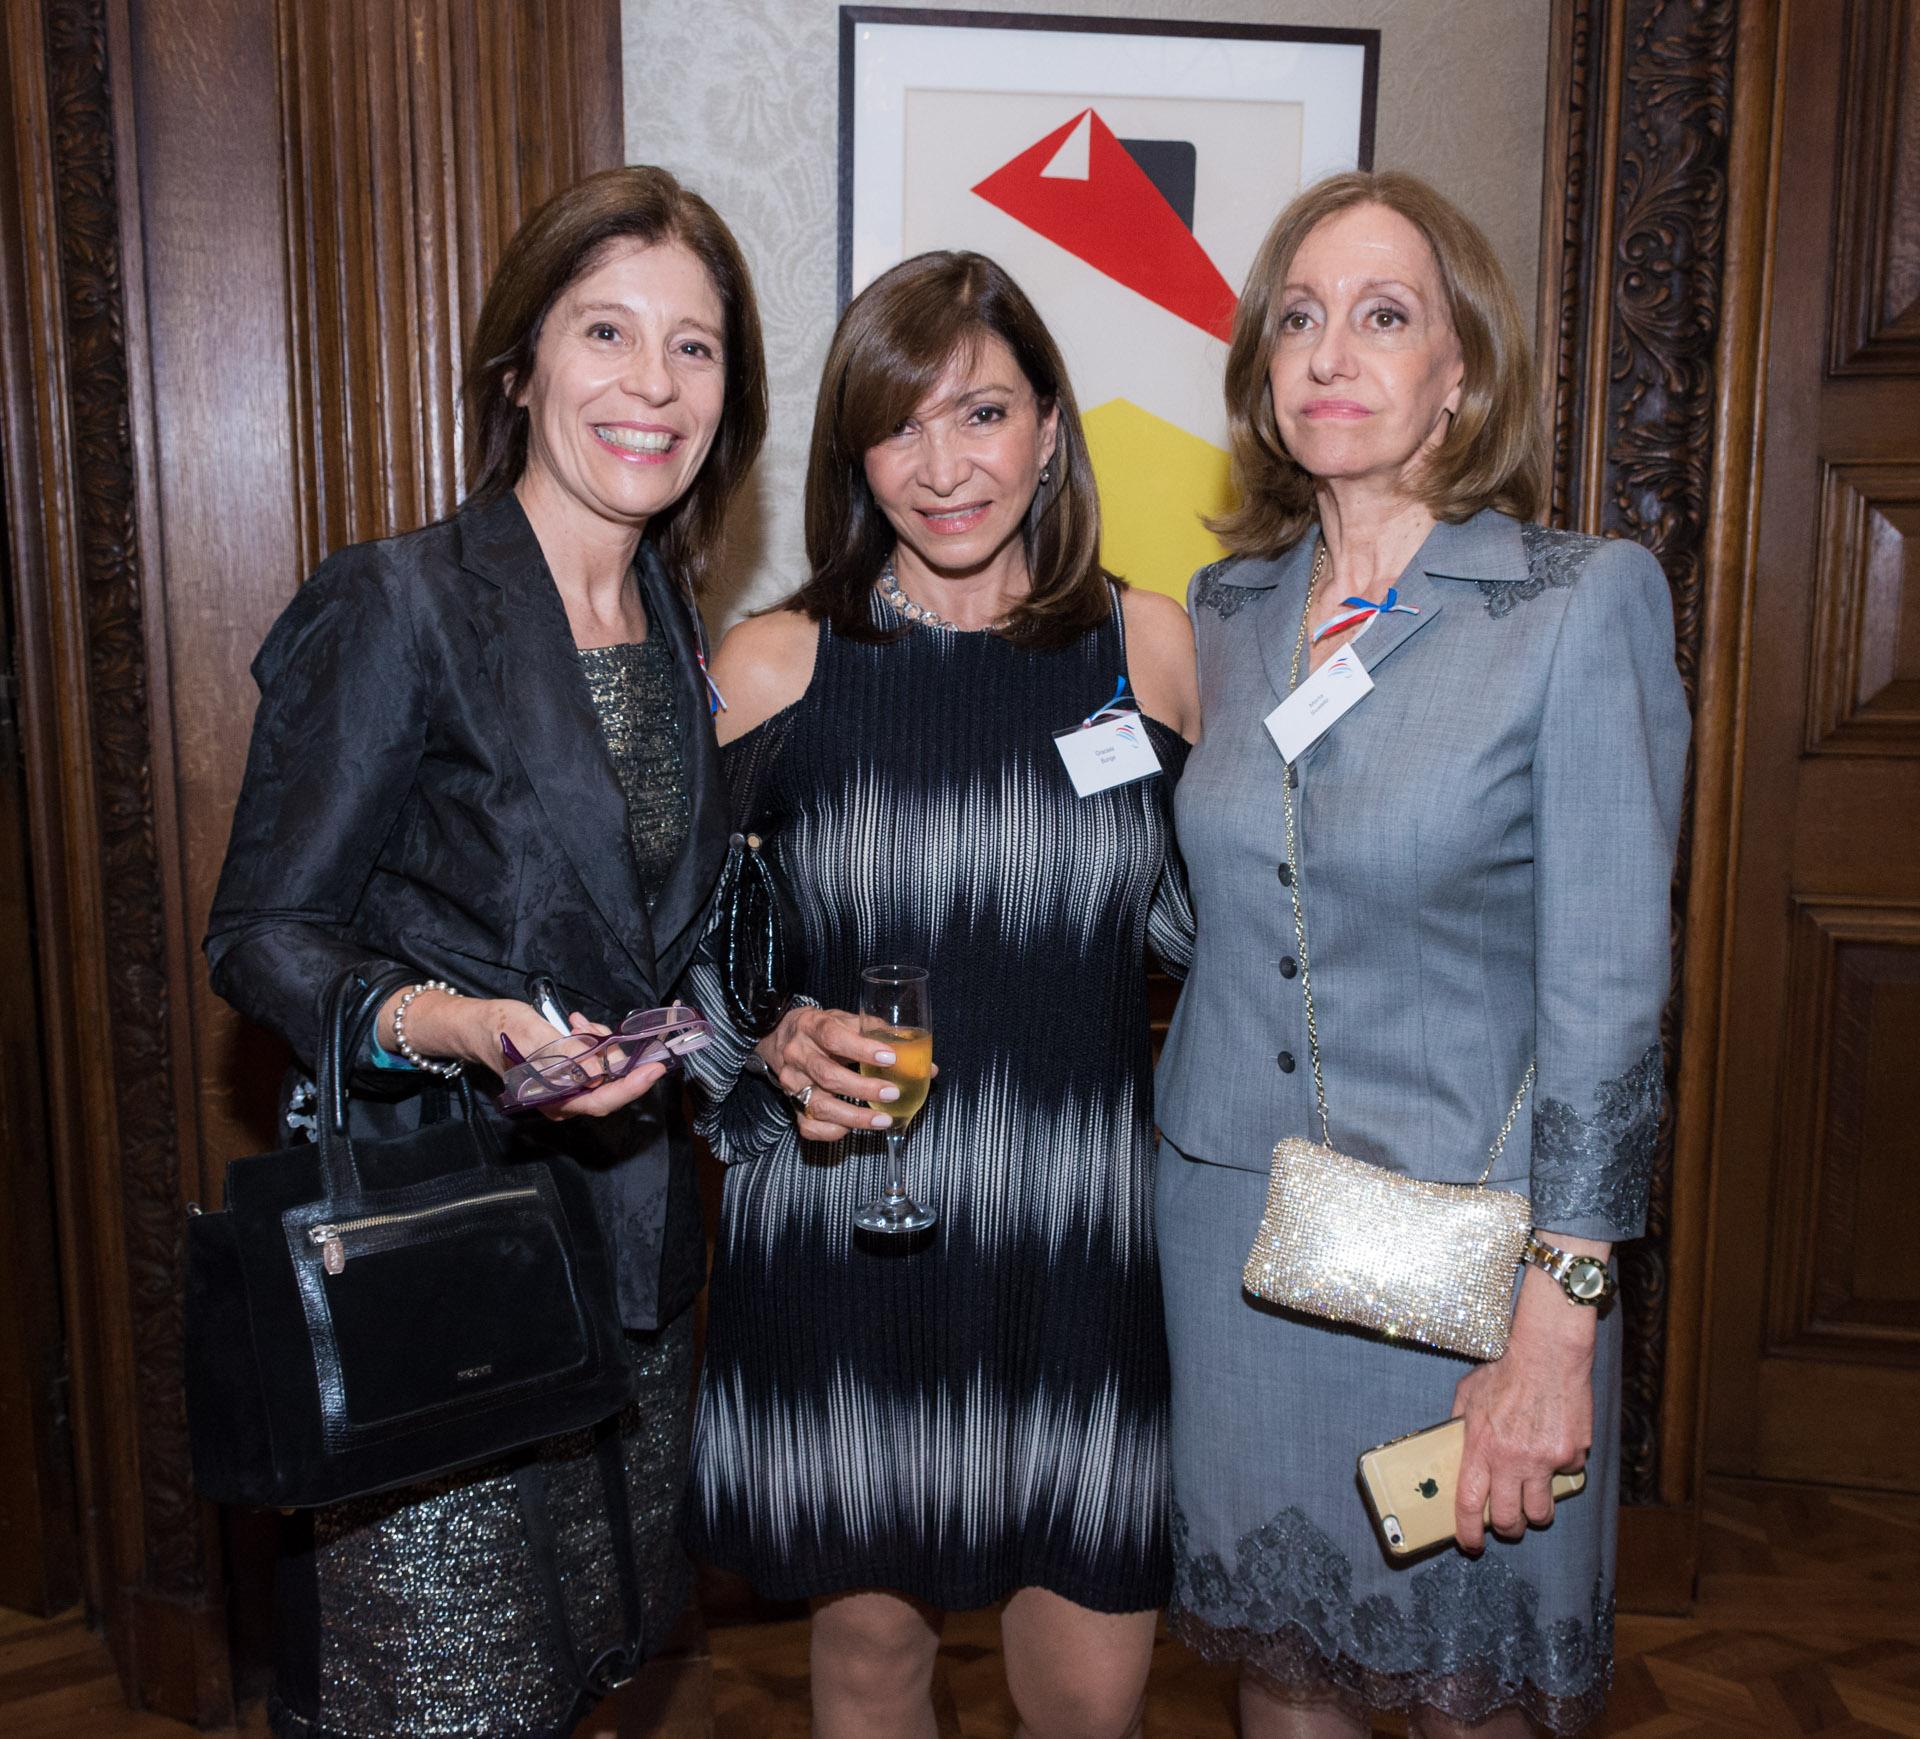 Las Im Genes De Los Premios Marianne En La Embajada De